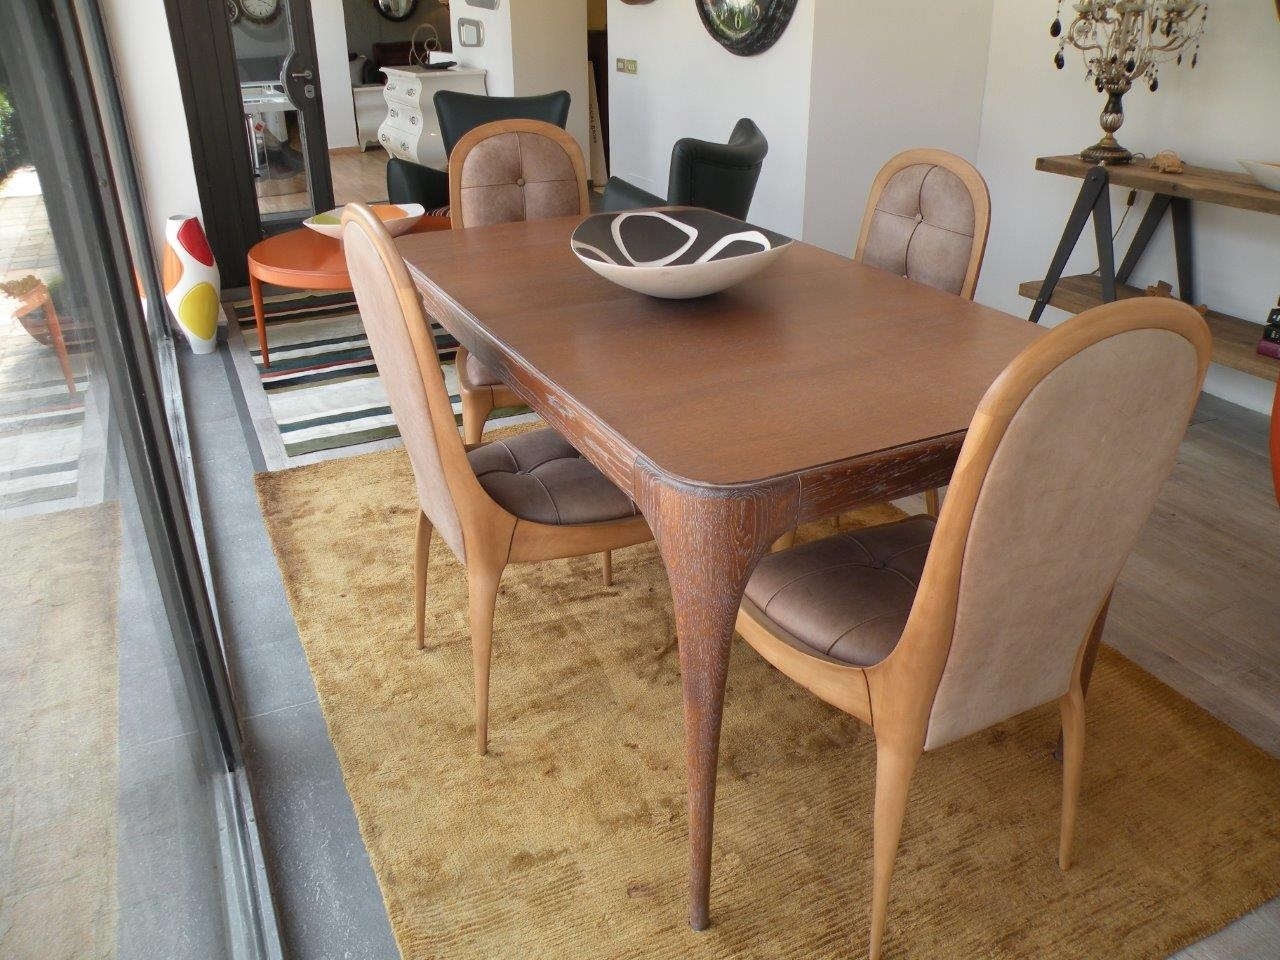 Tavolo con sedie zonta vero affare sconto 64 tavoli - Tavolo a scomparsa con sedie ...